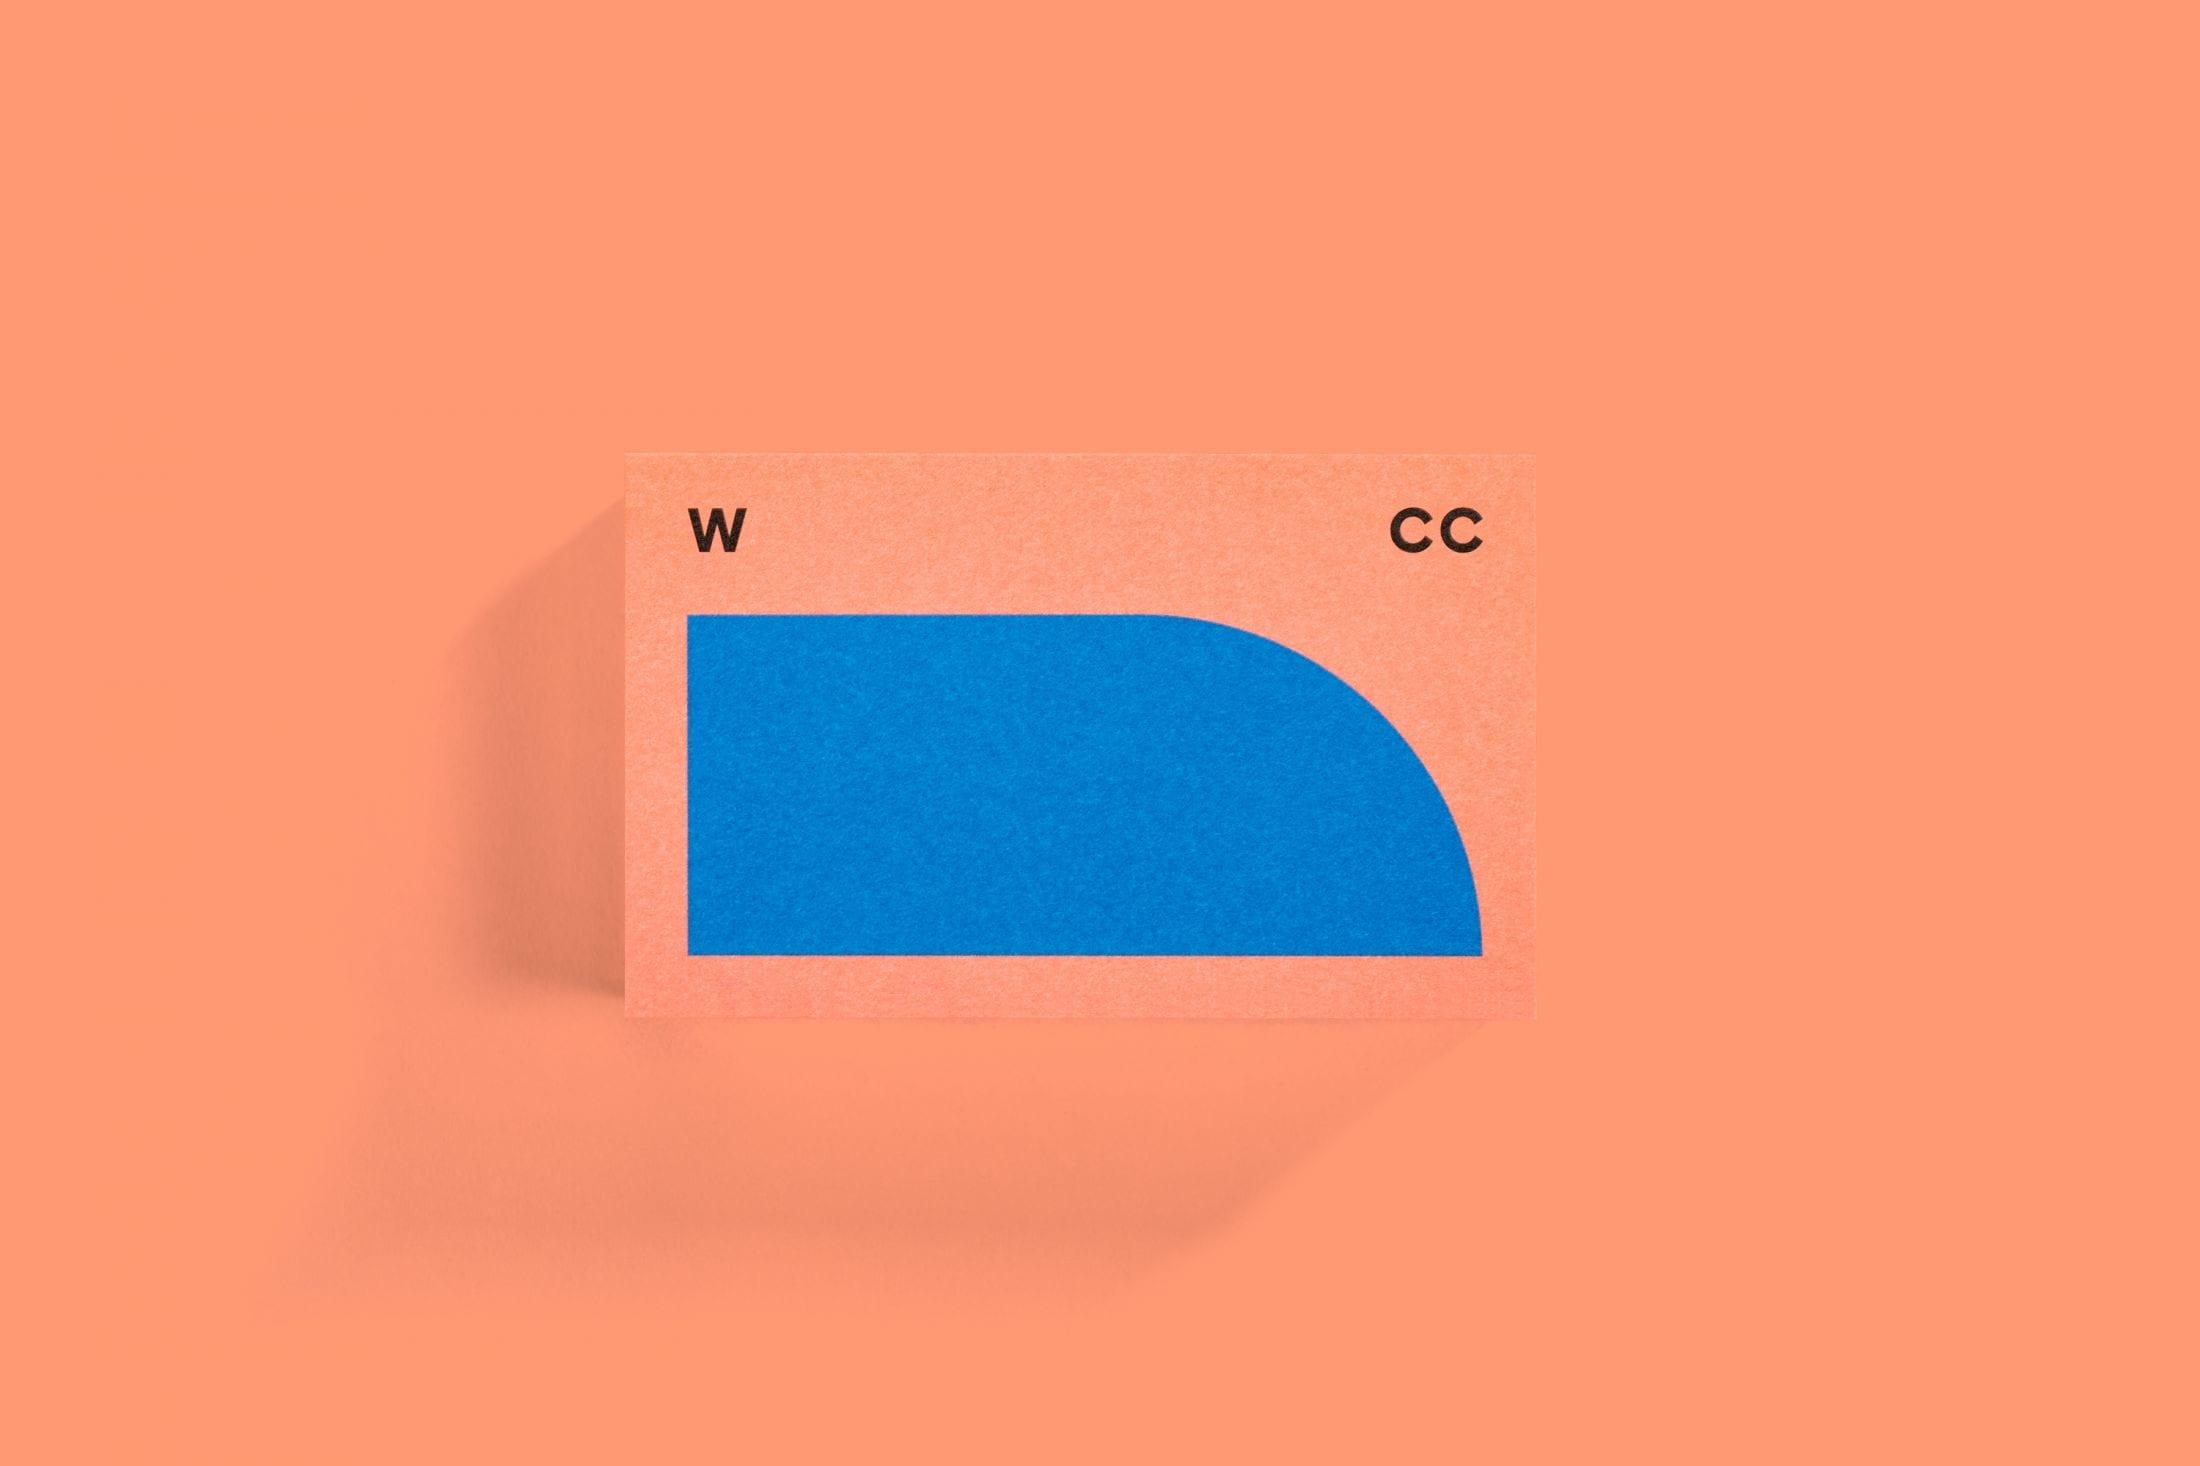 2f419b737f322bc9926c6c17842a2551f90a4729 2200 - Nová geometrická vizuální identita a web pro Women's Creative Collective